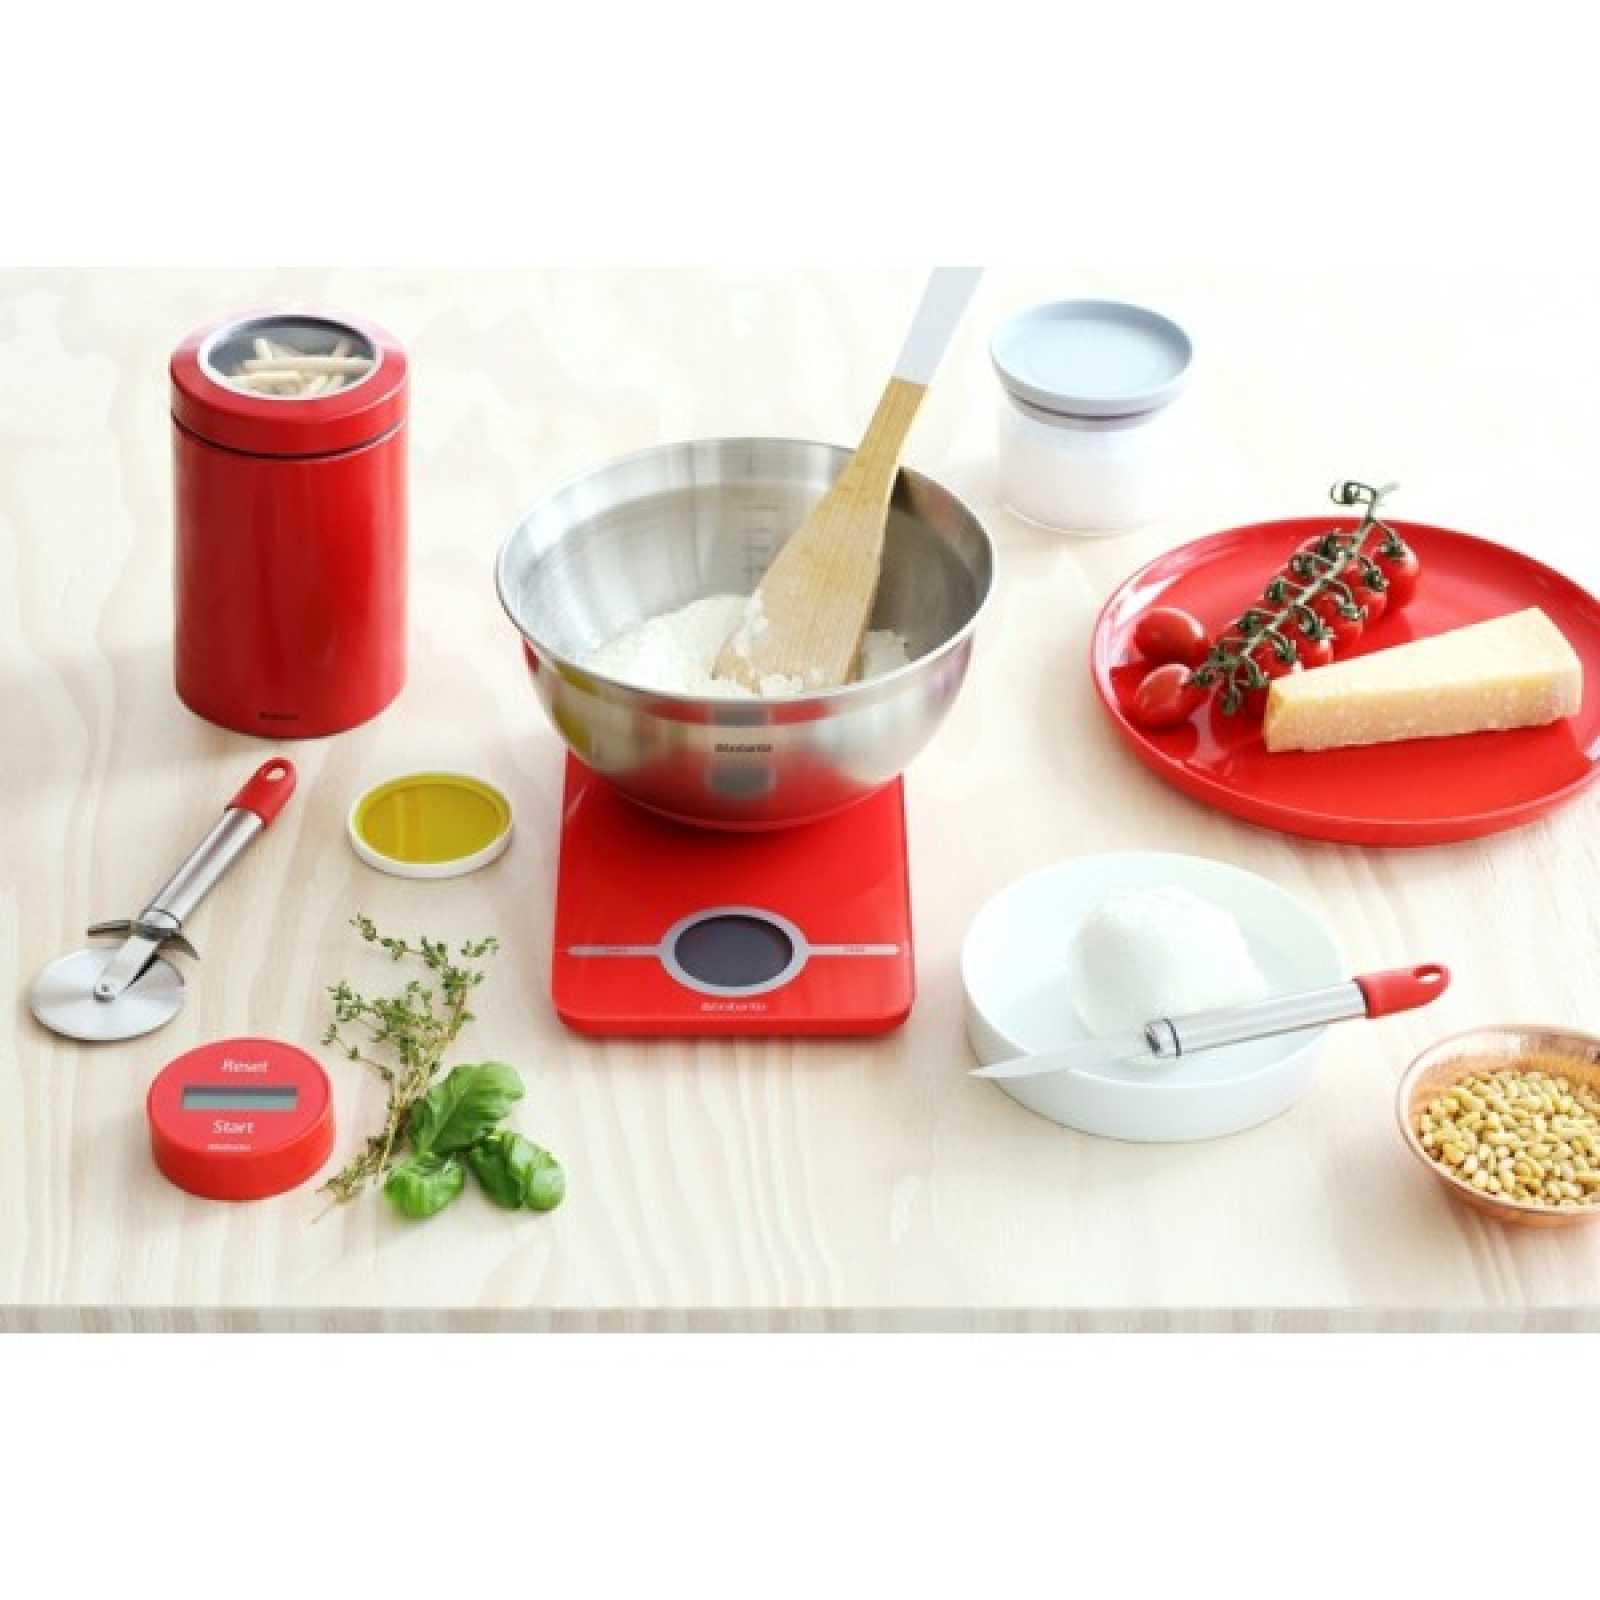 Весы цифровые кухонные Brabantia, 26,6x15,1x18 см, красный Brabantia 480744 фото 5